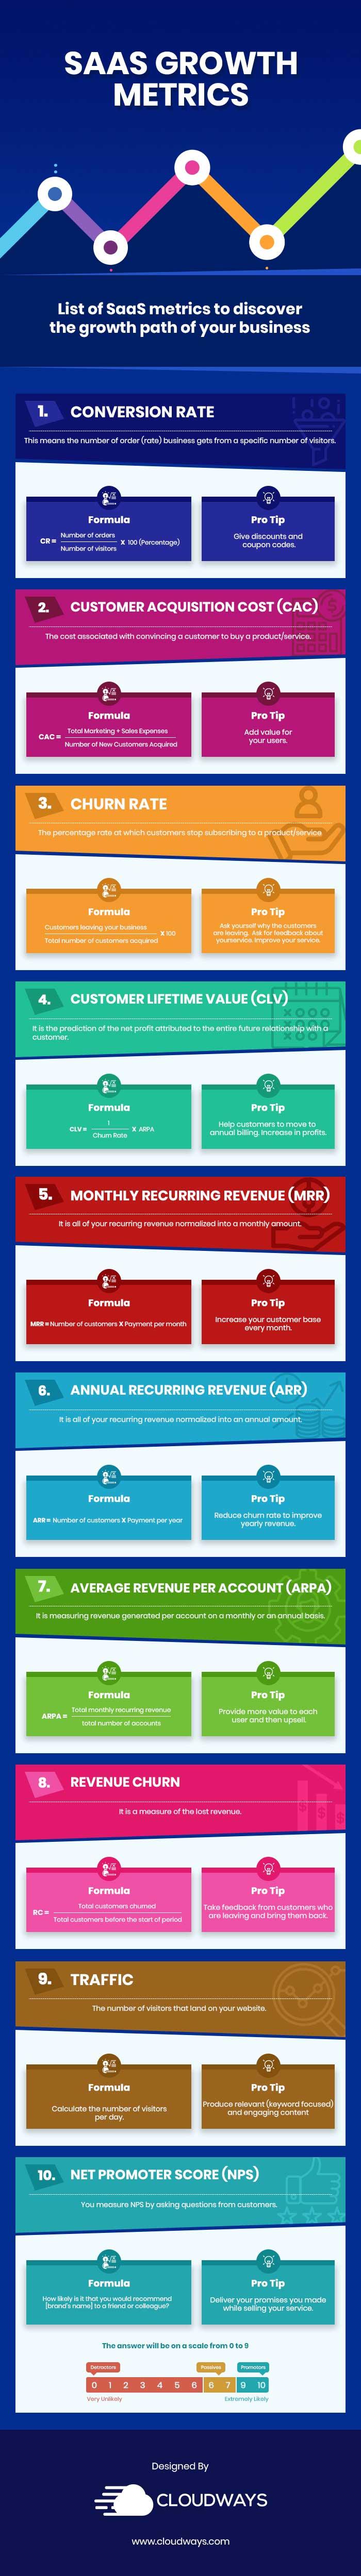 SaaS metrics infographic